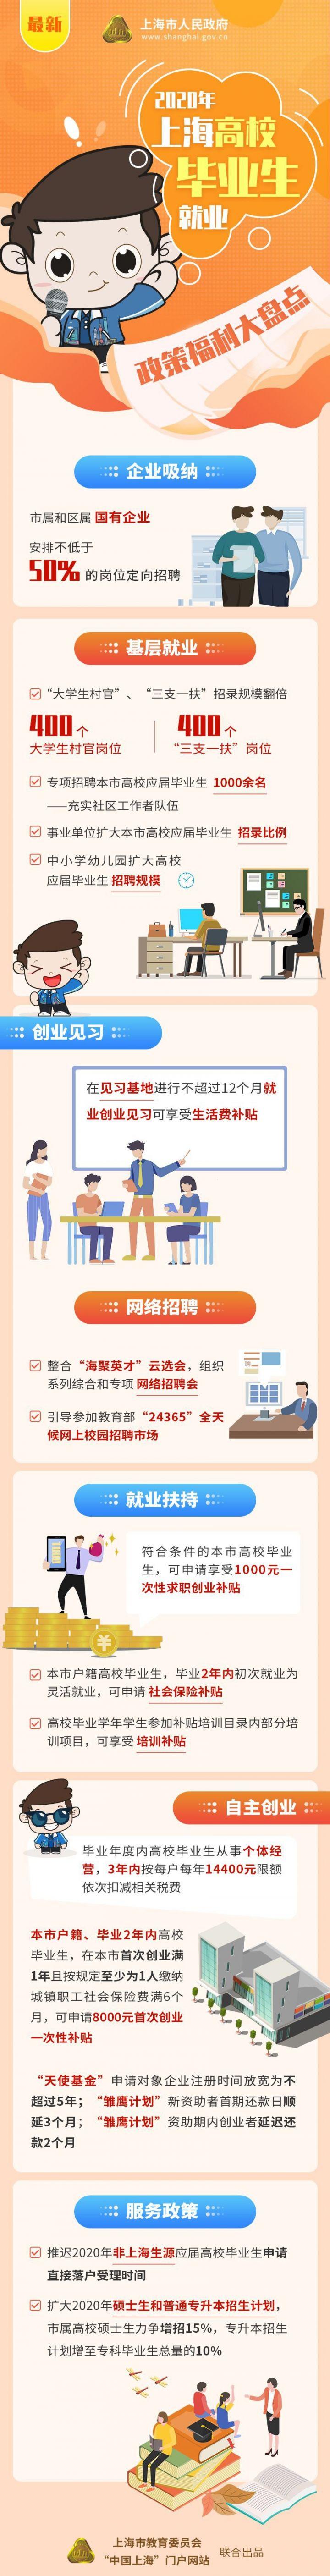 新葡新京出台9方面政策福利助力高校毕业生就业